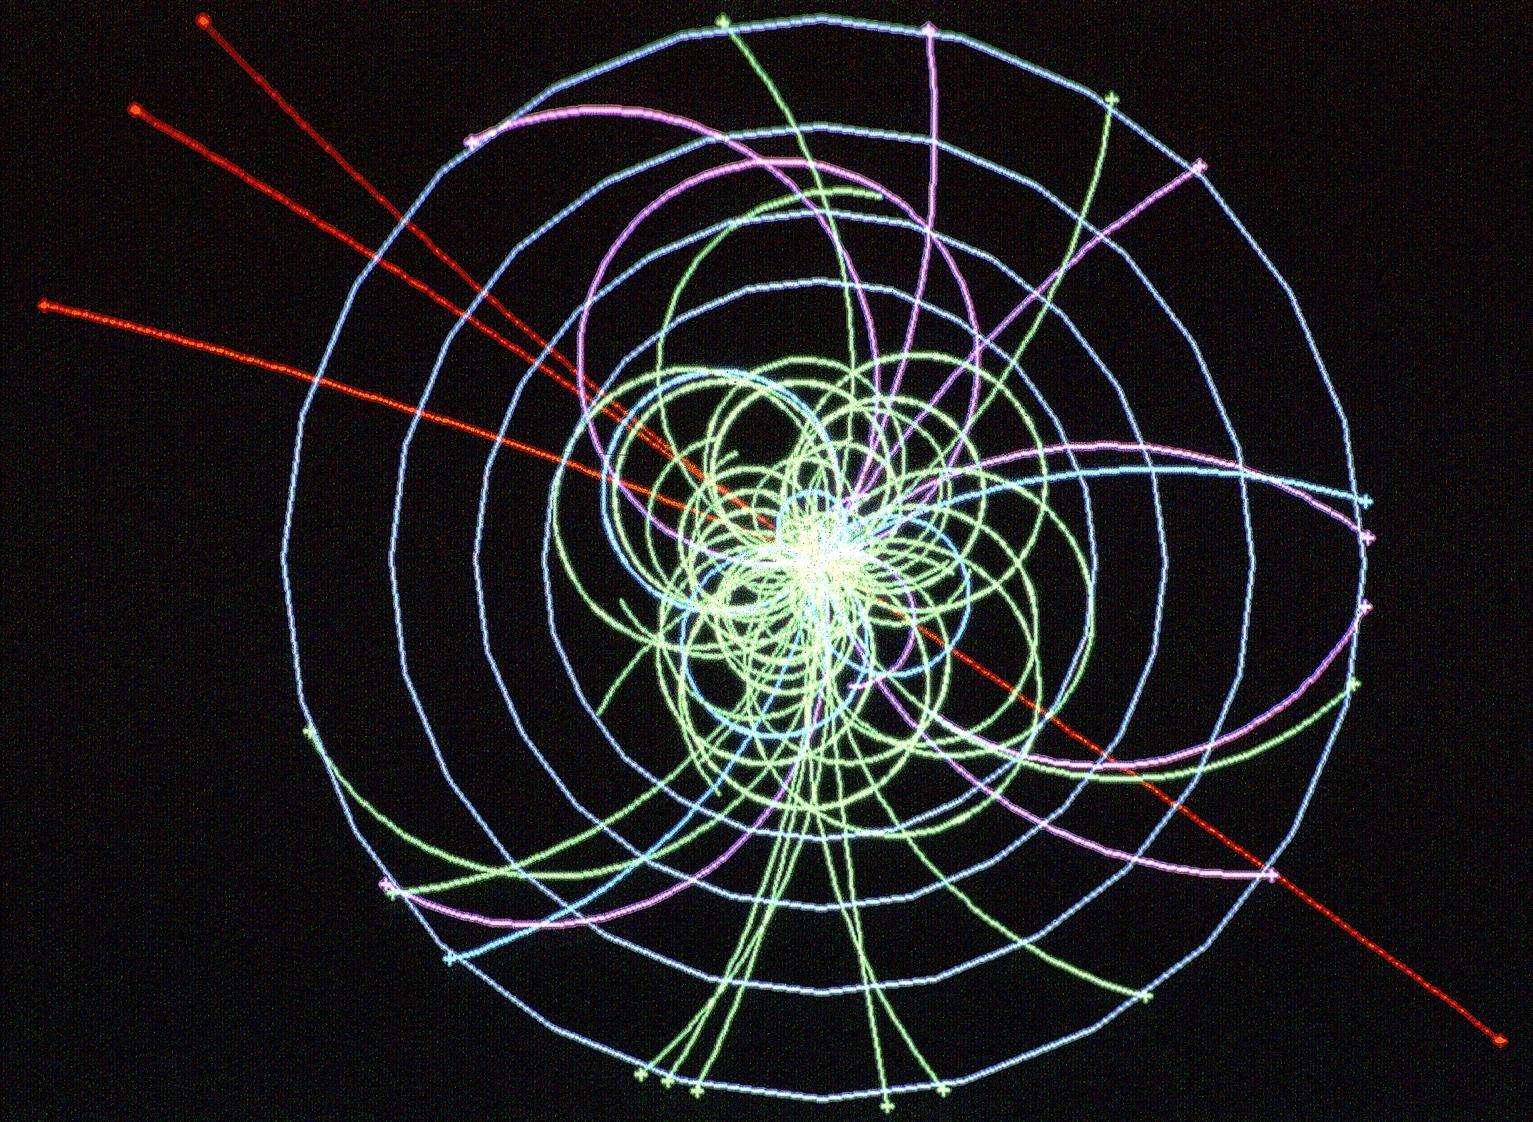 Une simulation de la découverte du Boson de Higgs dans le détecteur d'Atlas. La particule se signale par la production simultanée de 4 muons, lourds cousins de l'électron, dont les trajectoires sont en rouge. Crédit : Cern